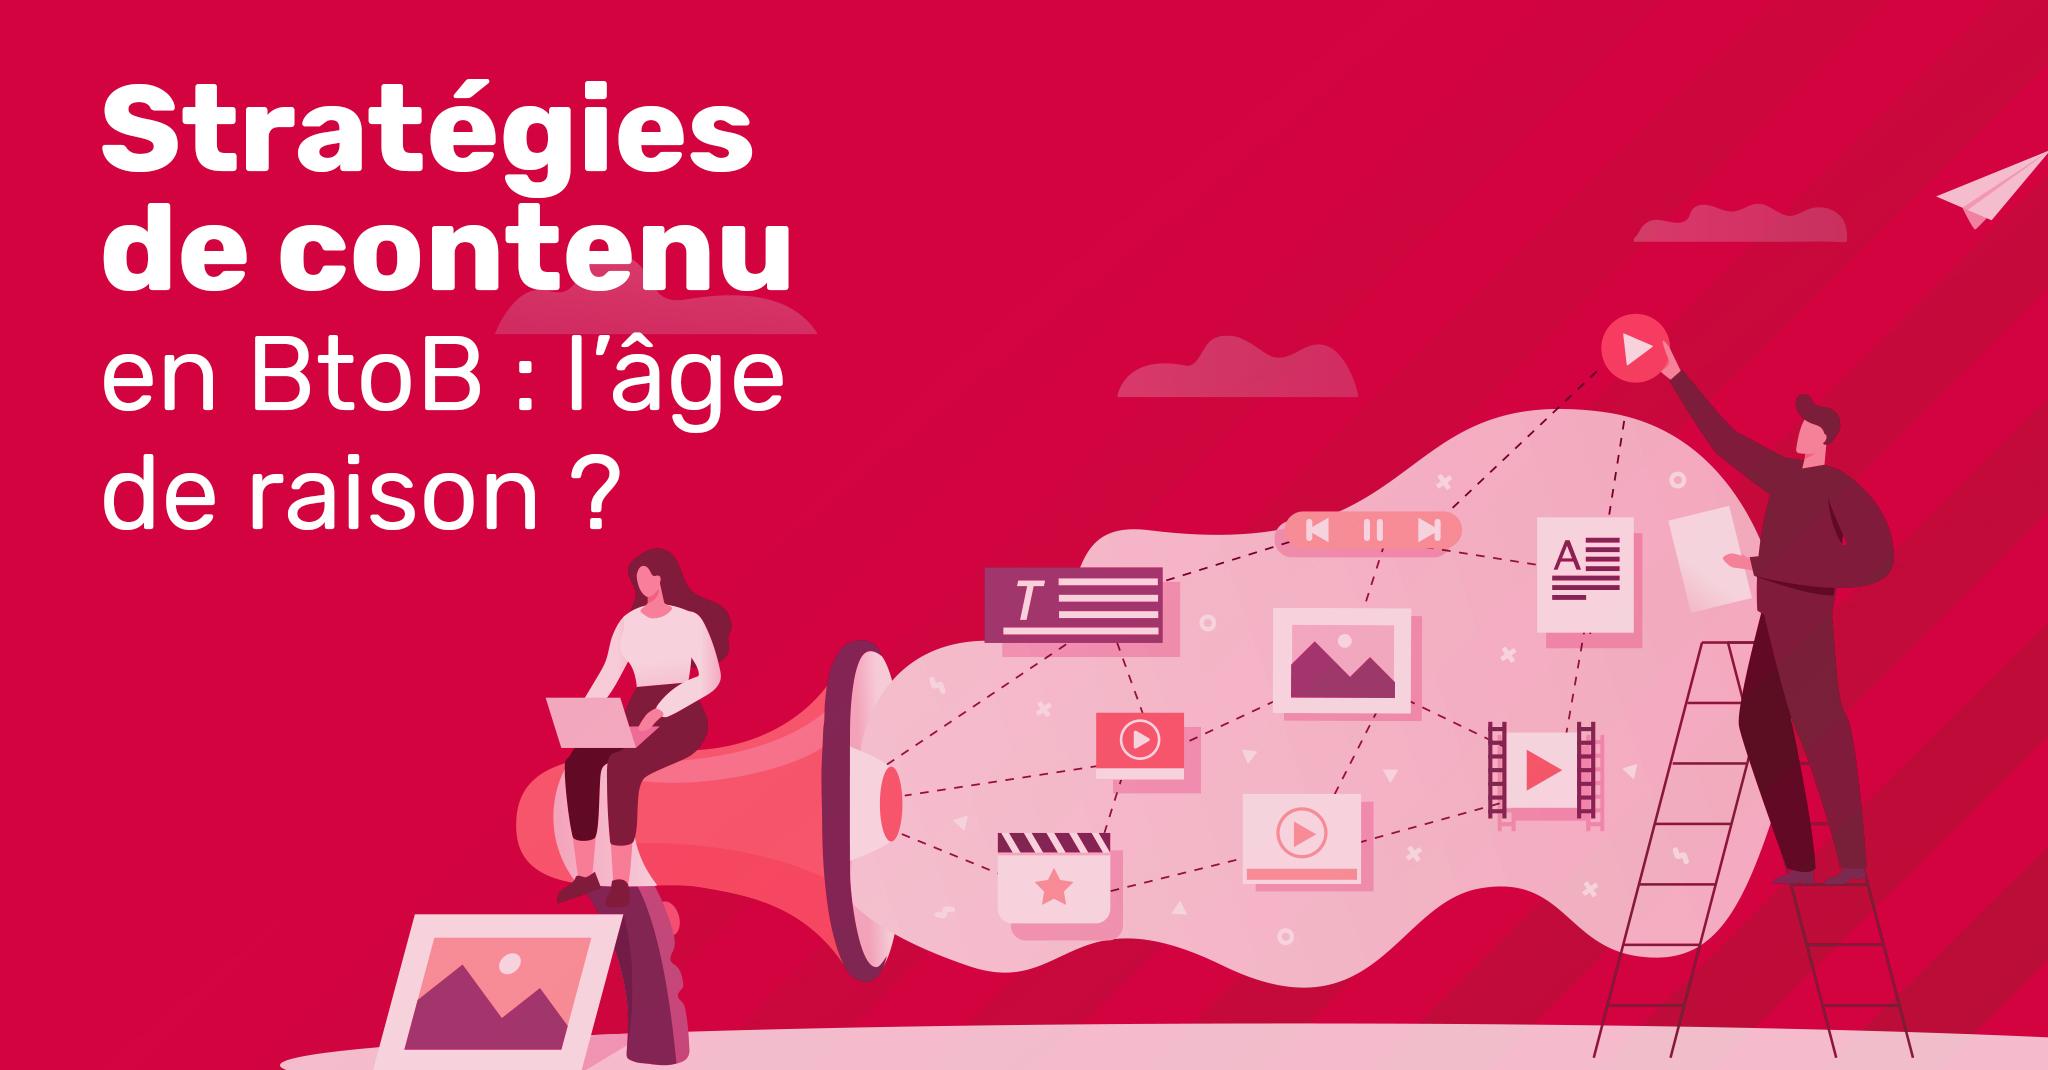 Stratégies de contenu en BtoB: l'âge de raison